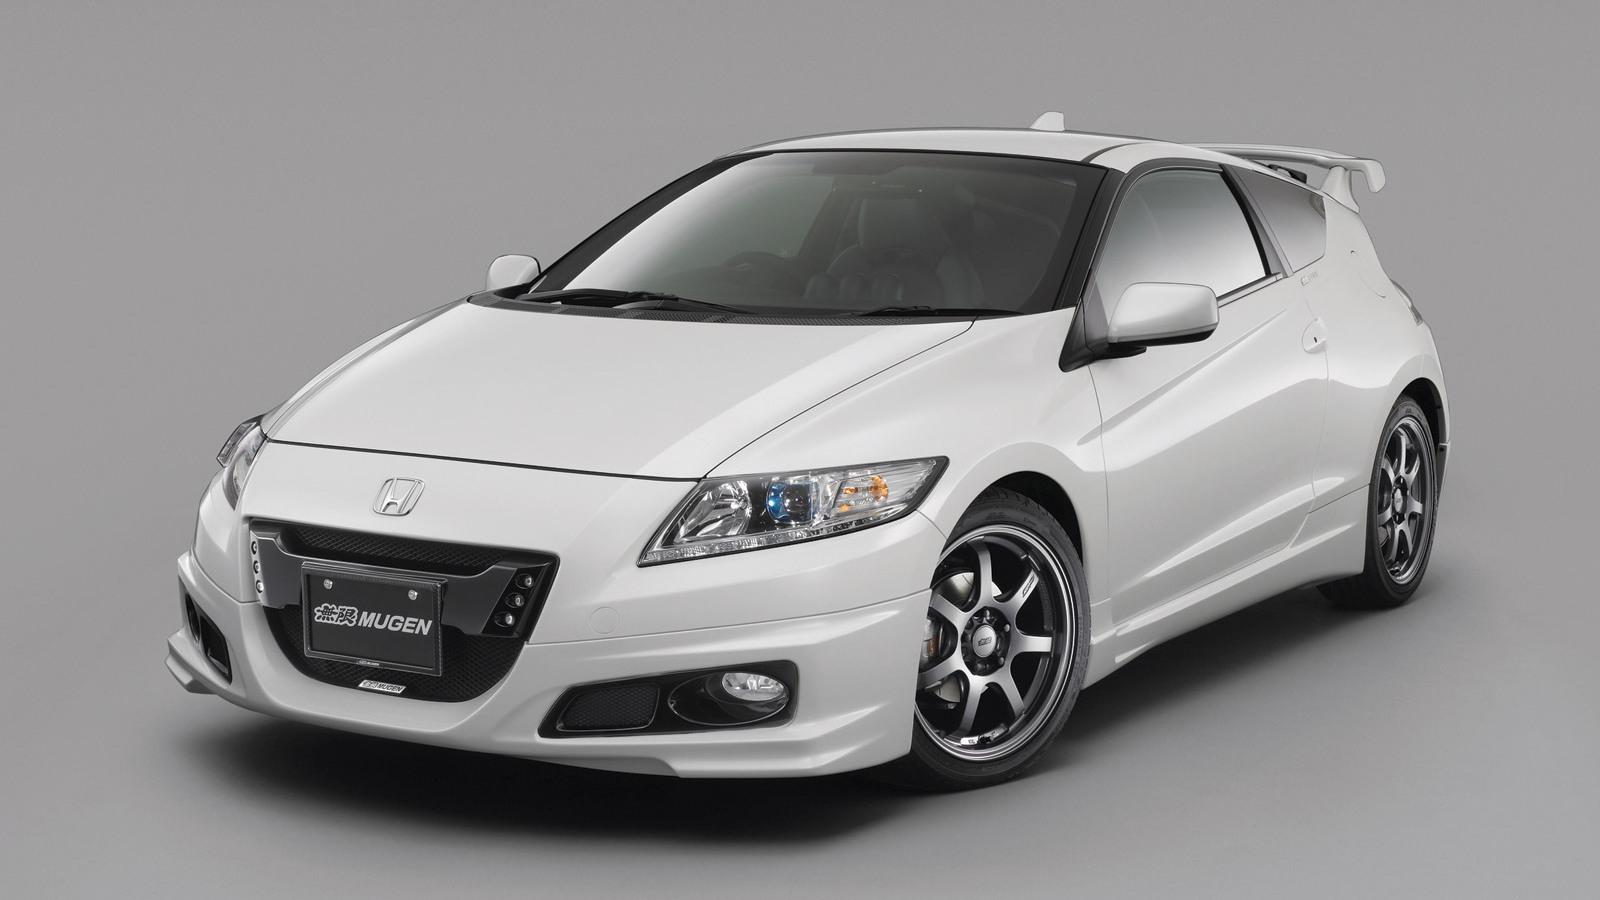 Honda CR-Z iCF by Mugen Euro